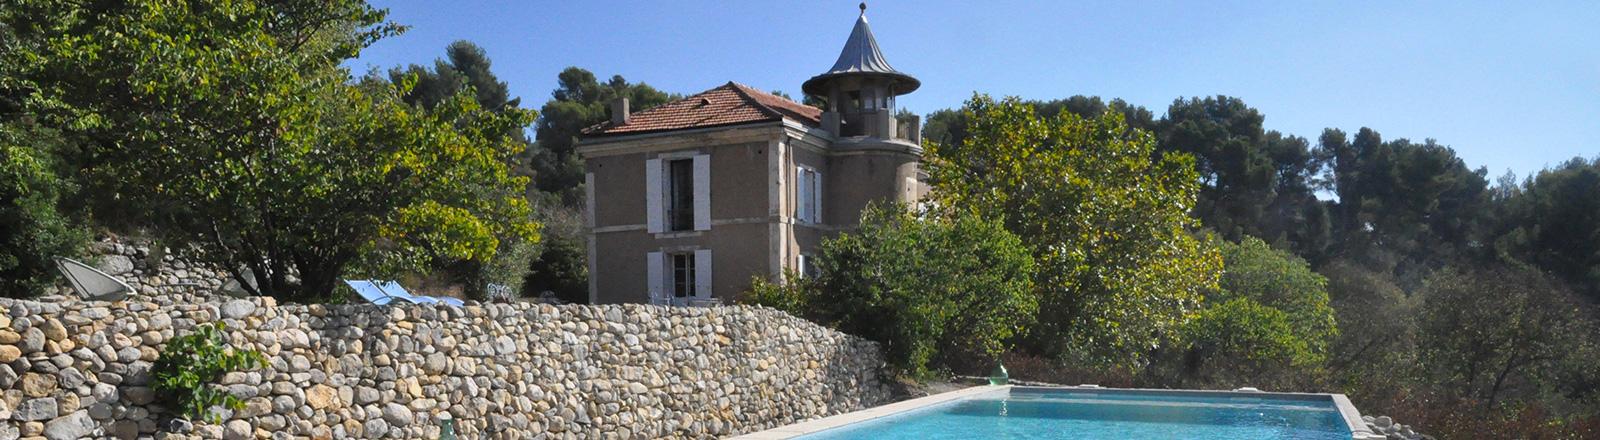 B&B Beauregard Aix en Provence